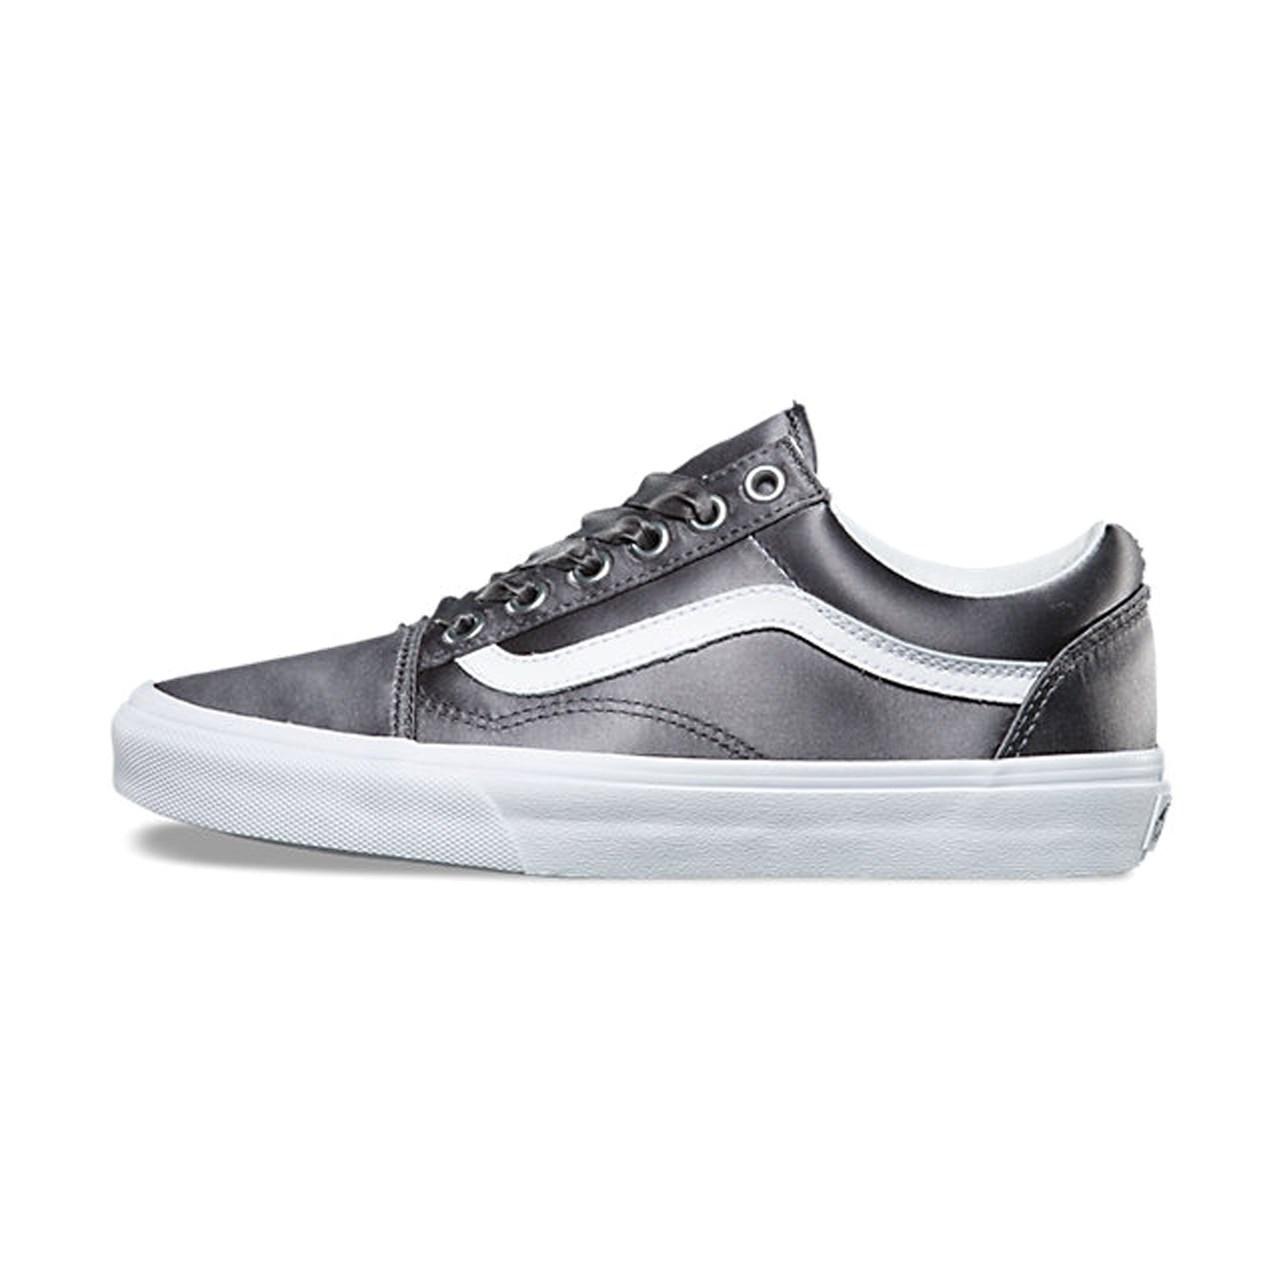 خرید کفش زنانه ونس سری Old School SATIN LUX مدل 8G1R1I